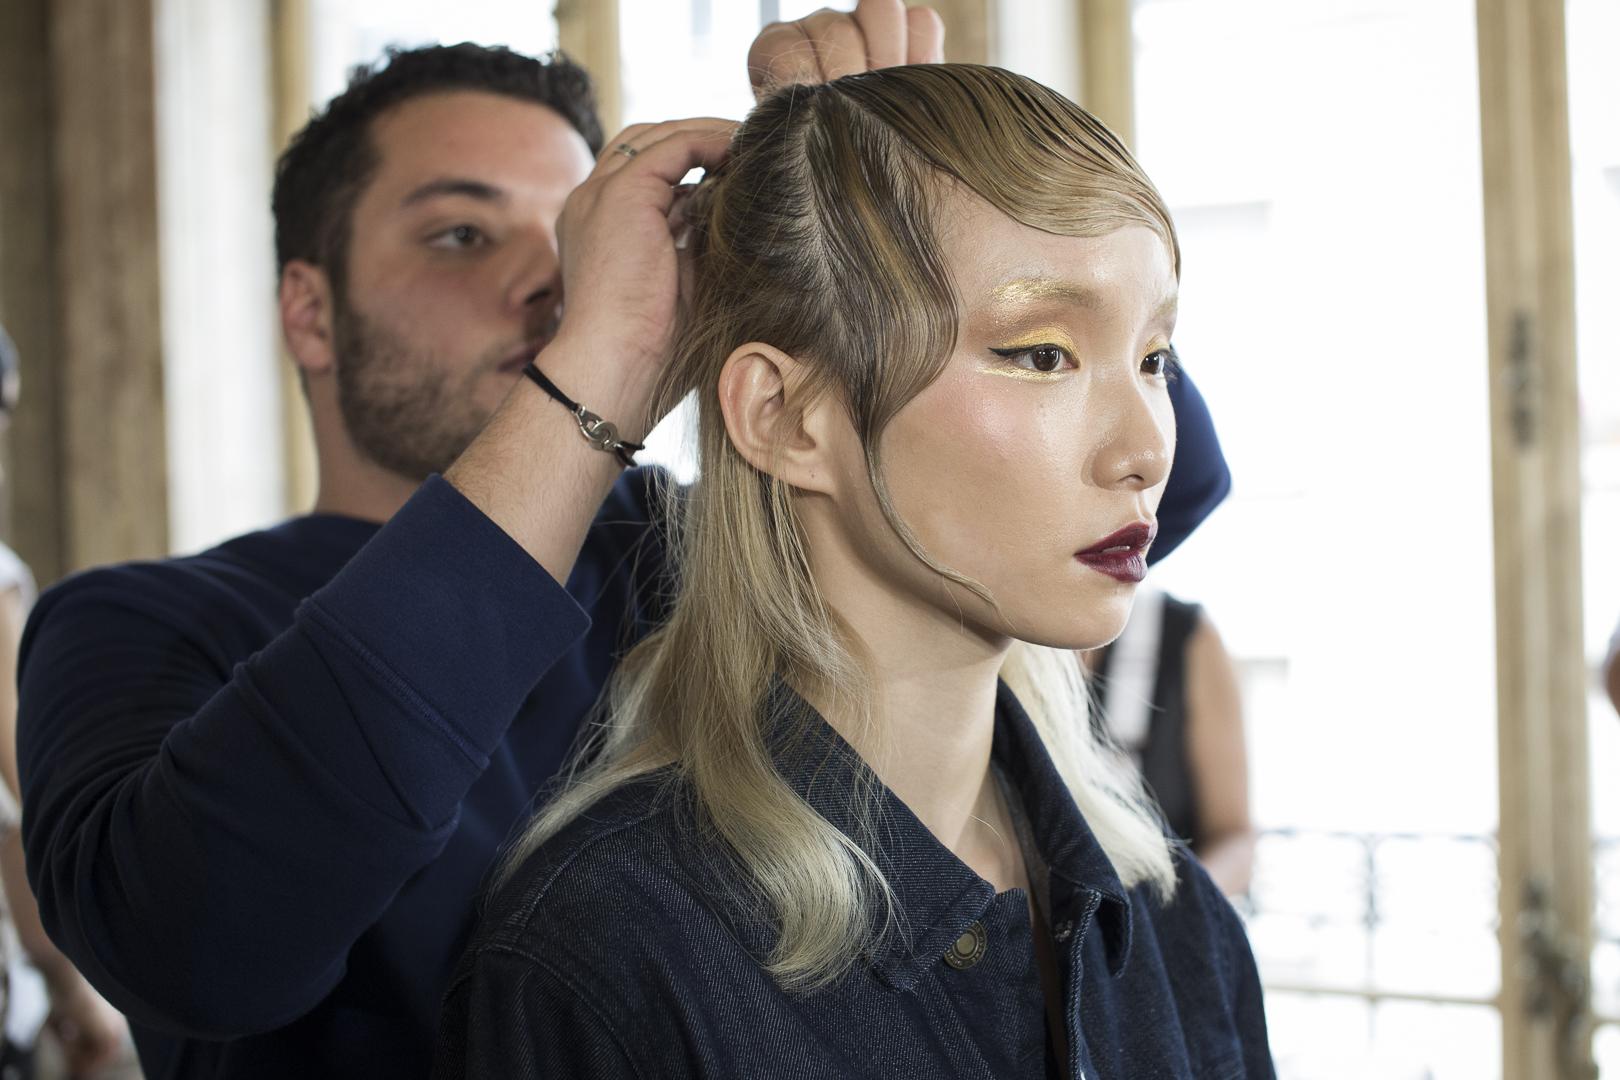 Ecole de coiffure rue fenelon paris votre nouveau blog - Ecole de coiffure paris coupe gratuite ...